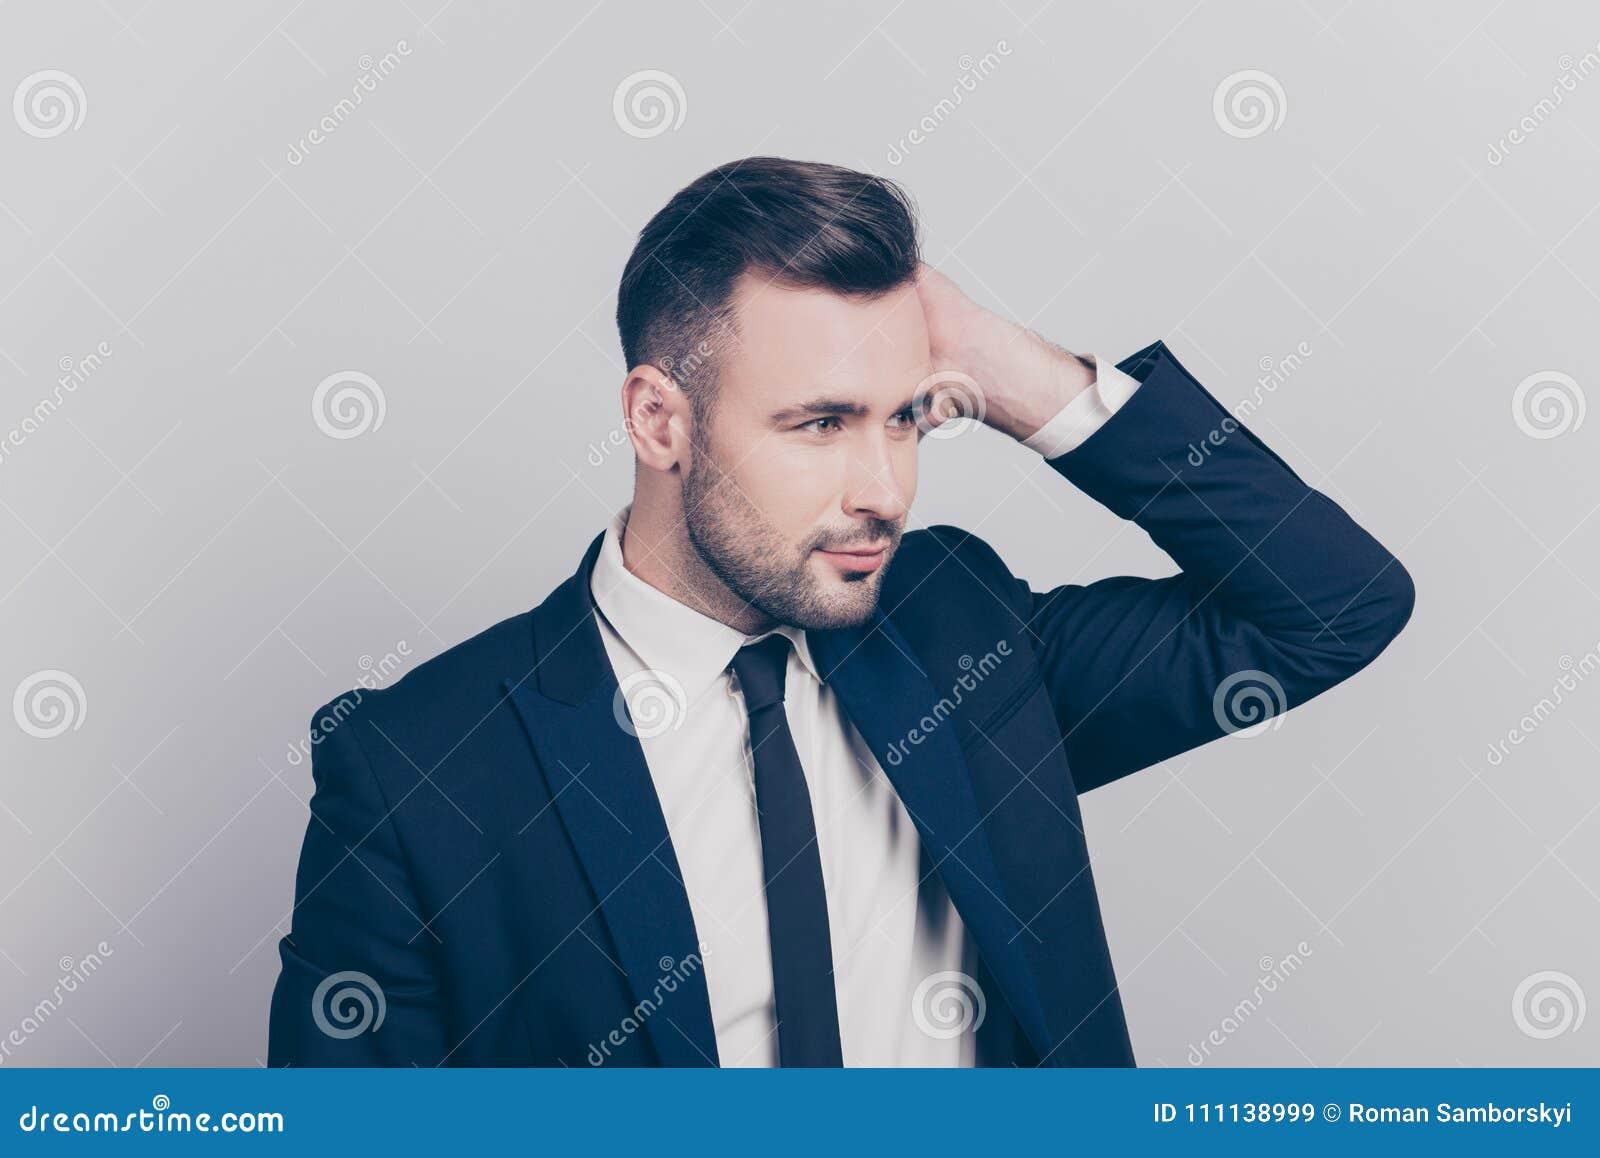 Πορτρέτο του κατά το ήμισυ γυρισμένου ζαλίζοντας ιδανικού προϊσταμένου σχετικά με την τρίχα του lo